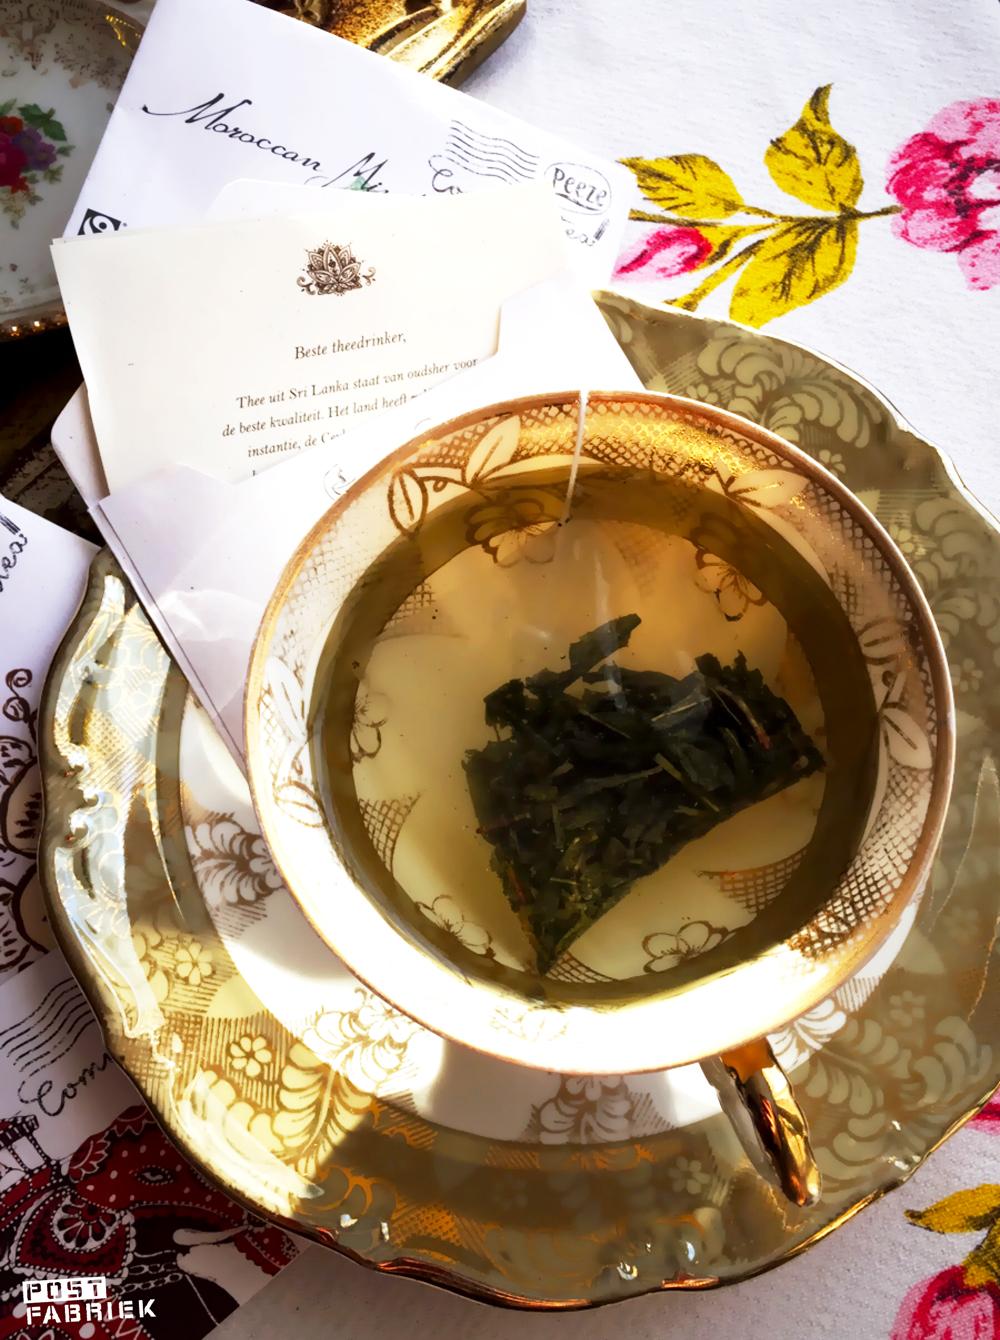 'Post uit Sri Lanka' om een verbinding te maken tussen theedrinker en land van herkomst.